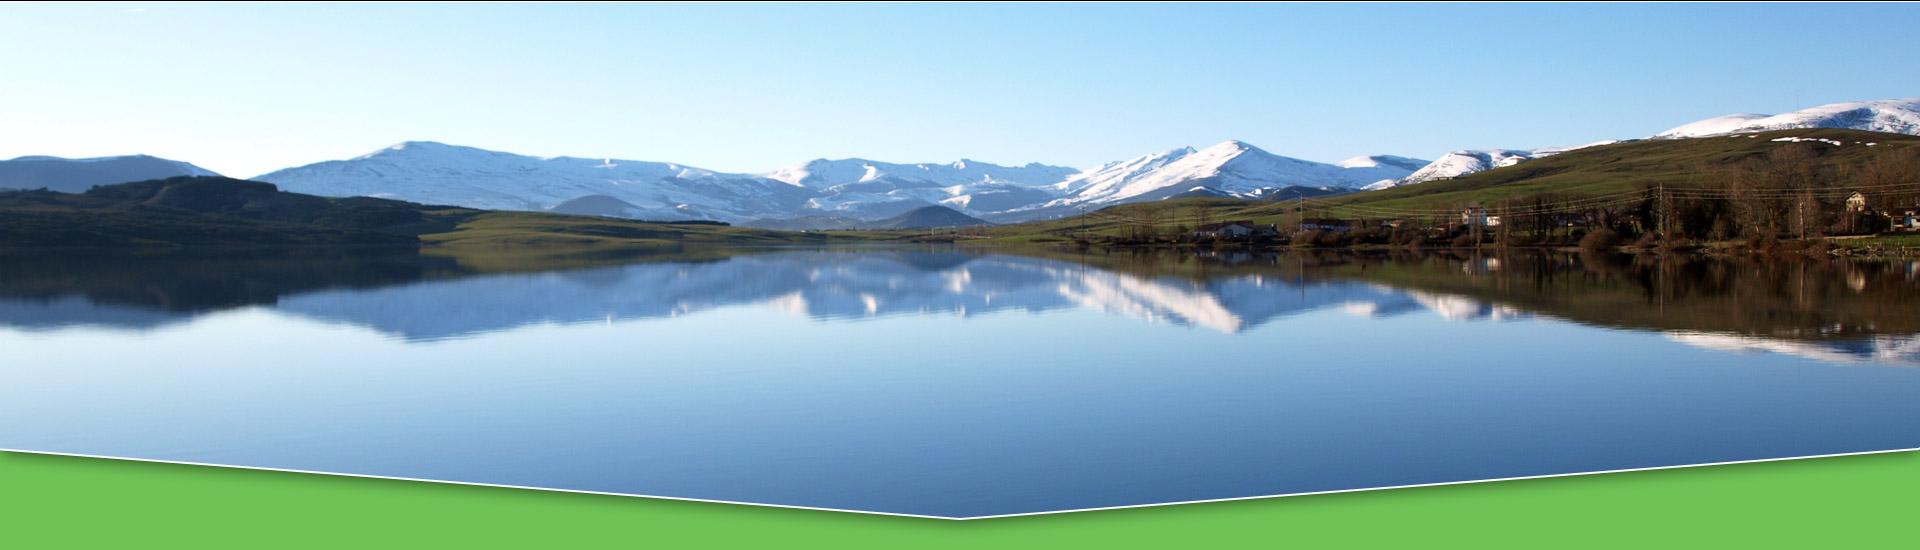 Foto de NAY - de Alto Campoo nevado reflejado en el Pantano del Ebro, quizá dos de los lugares más representativos de Campoo